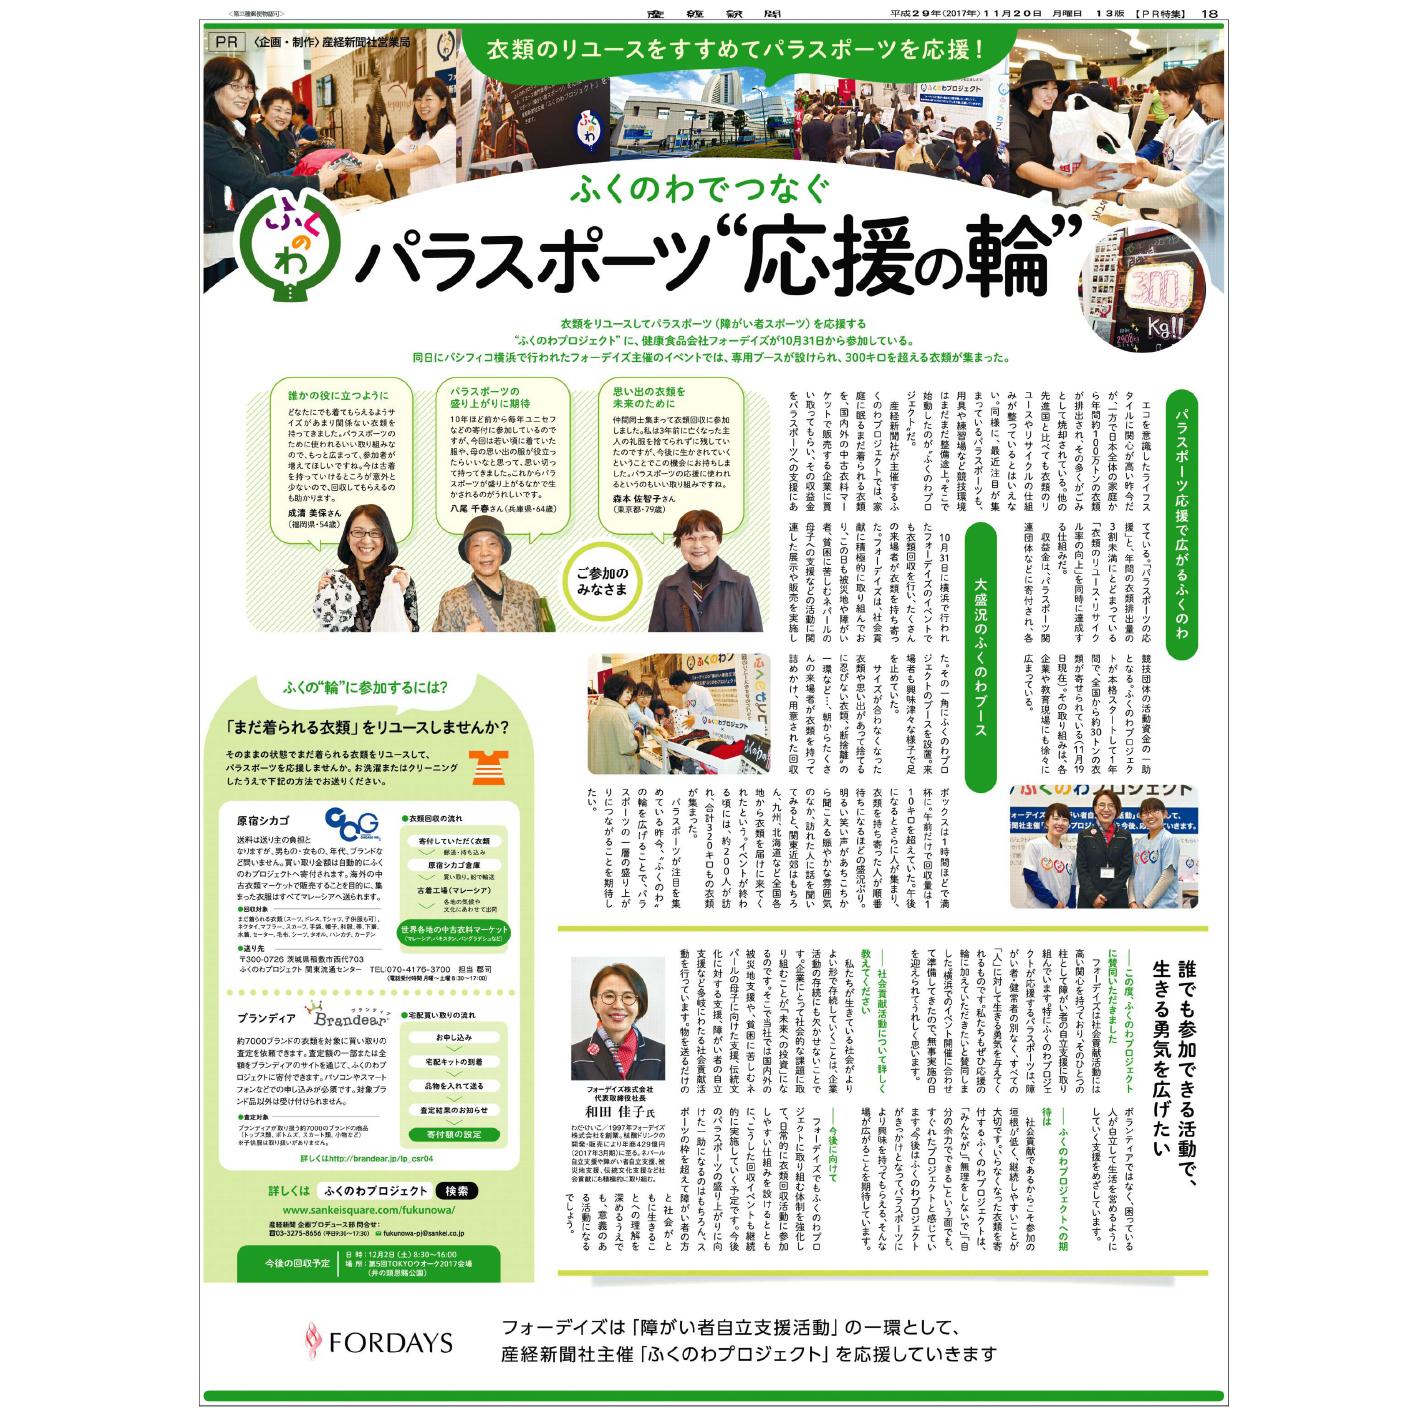 2017/11/20 産経新聞